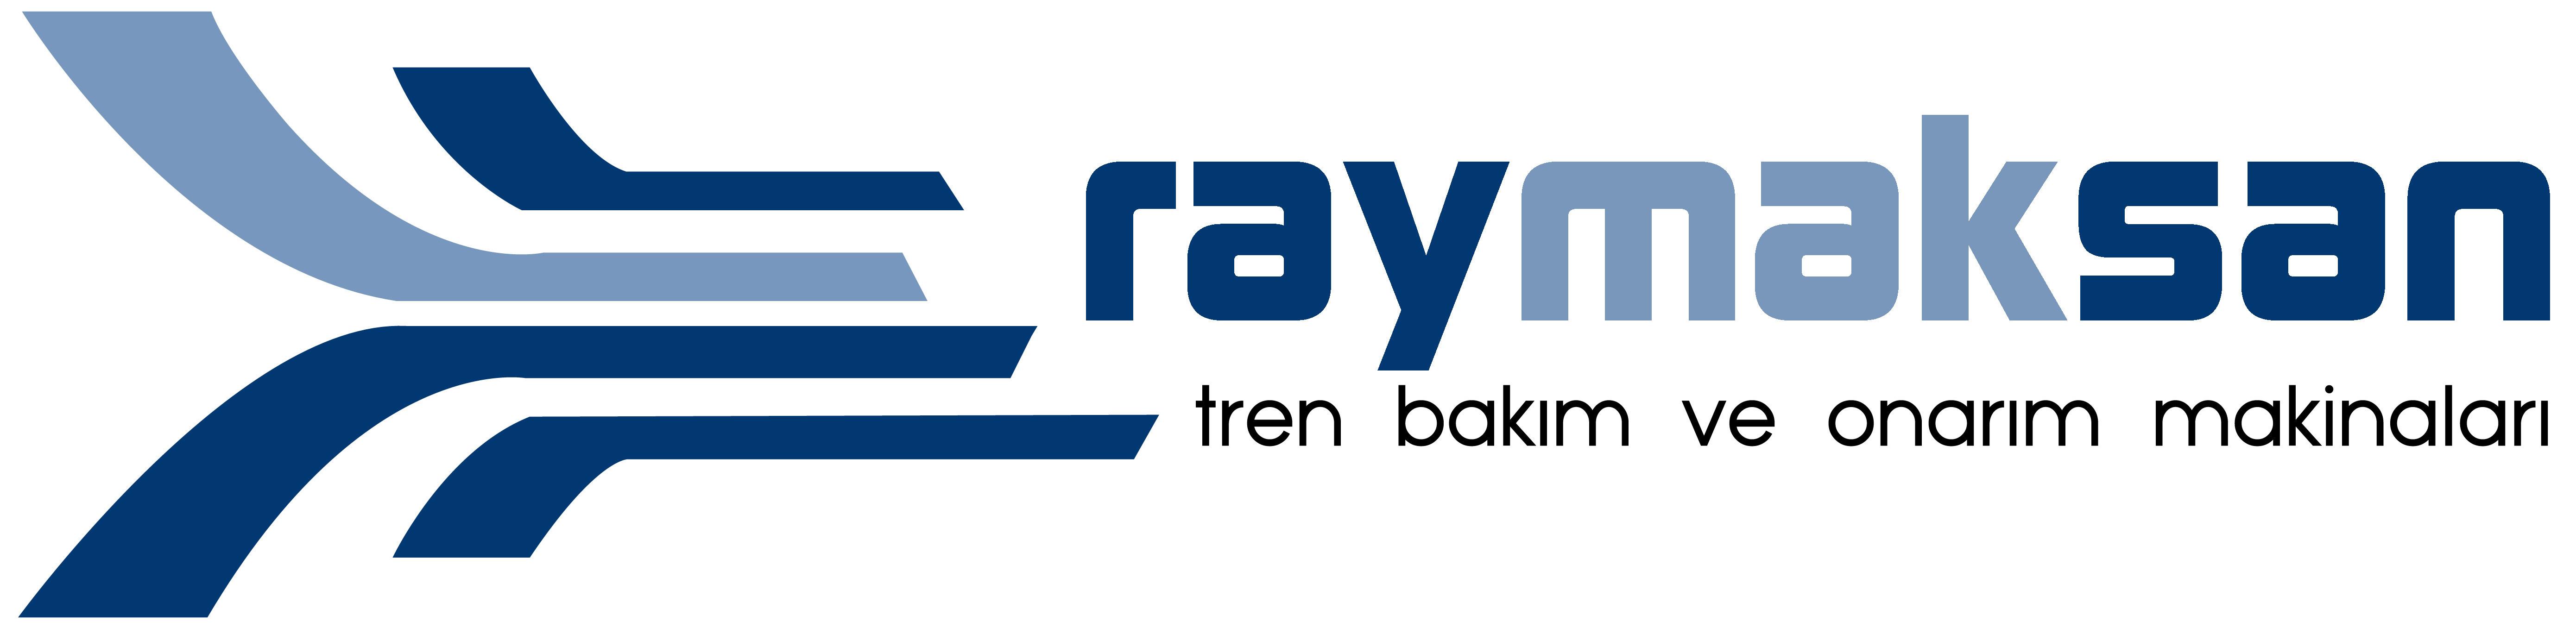 Raymaksan Tren Bakım Ve Onarım Makinaları - Metalmak Makina / Raymaksan  Tren Bakım ve Onarım Makinaları | Sera Makinaları | Tekstil Makinaları | TarımMakinaları| Akülü Tren ve Makinalar | Denizli